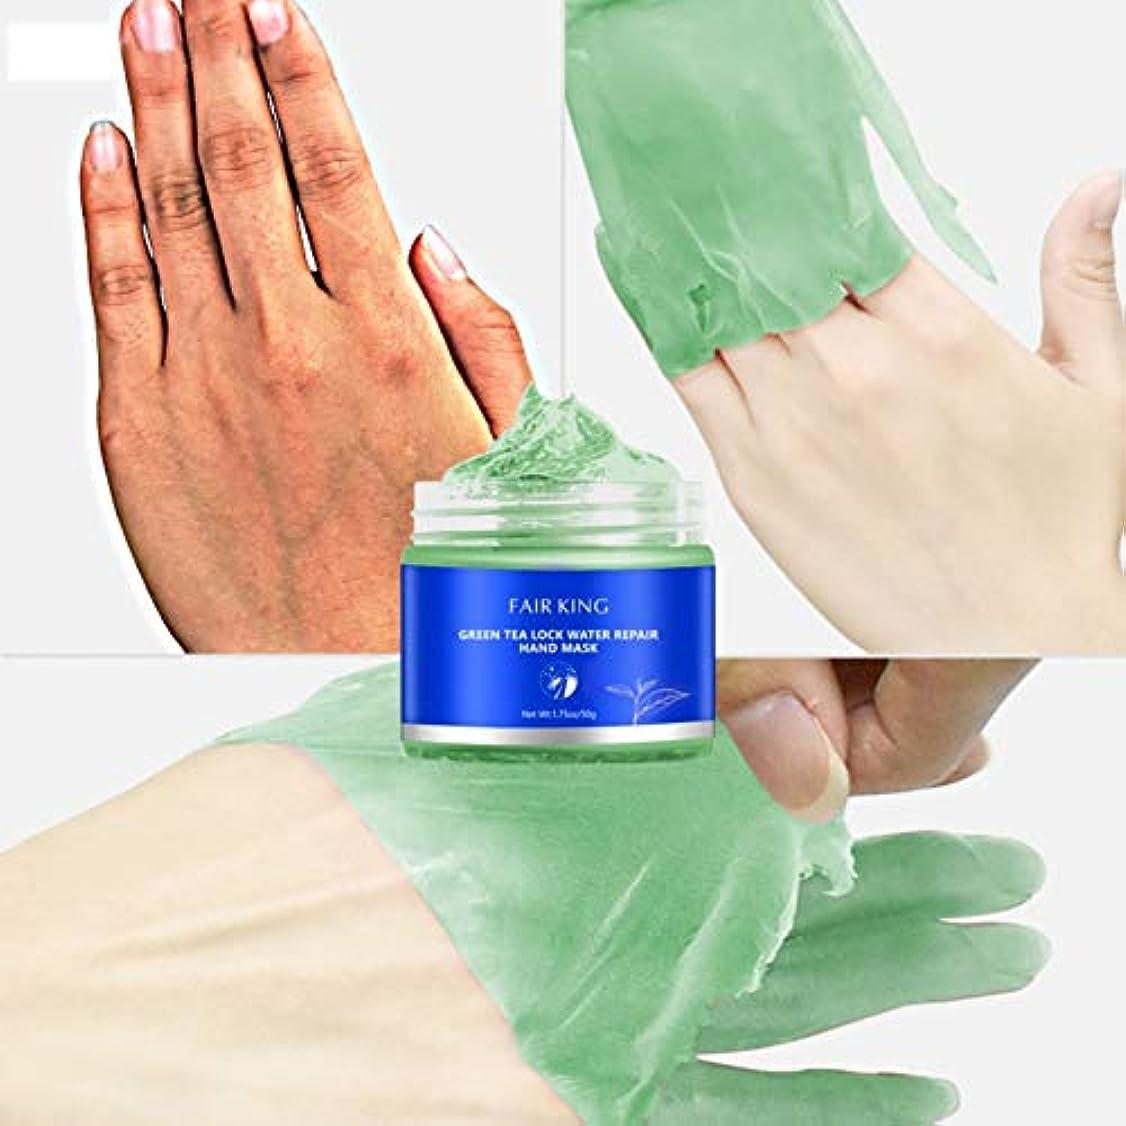 震え光免除緑茶 ロックウォーター リペア ハンドマスク 栄養 保湿 美白 角質除去 ハンドフィルム ハンドクリーム ハンドケア Cutelove